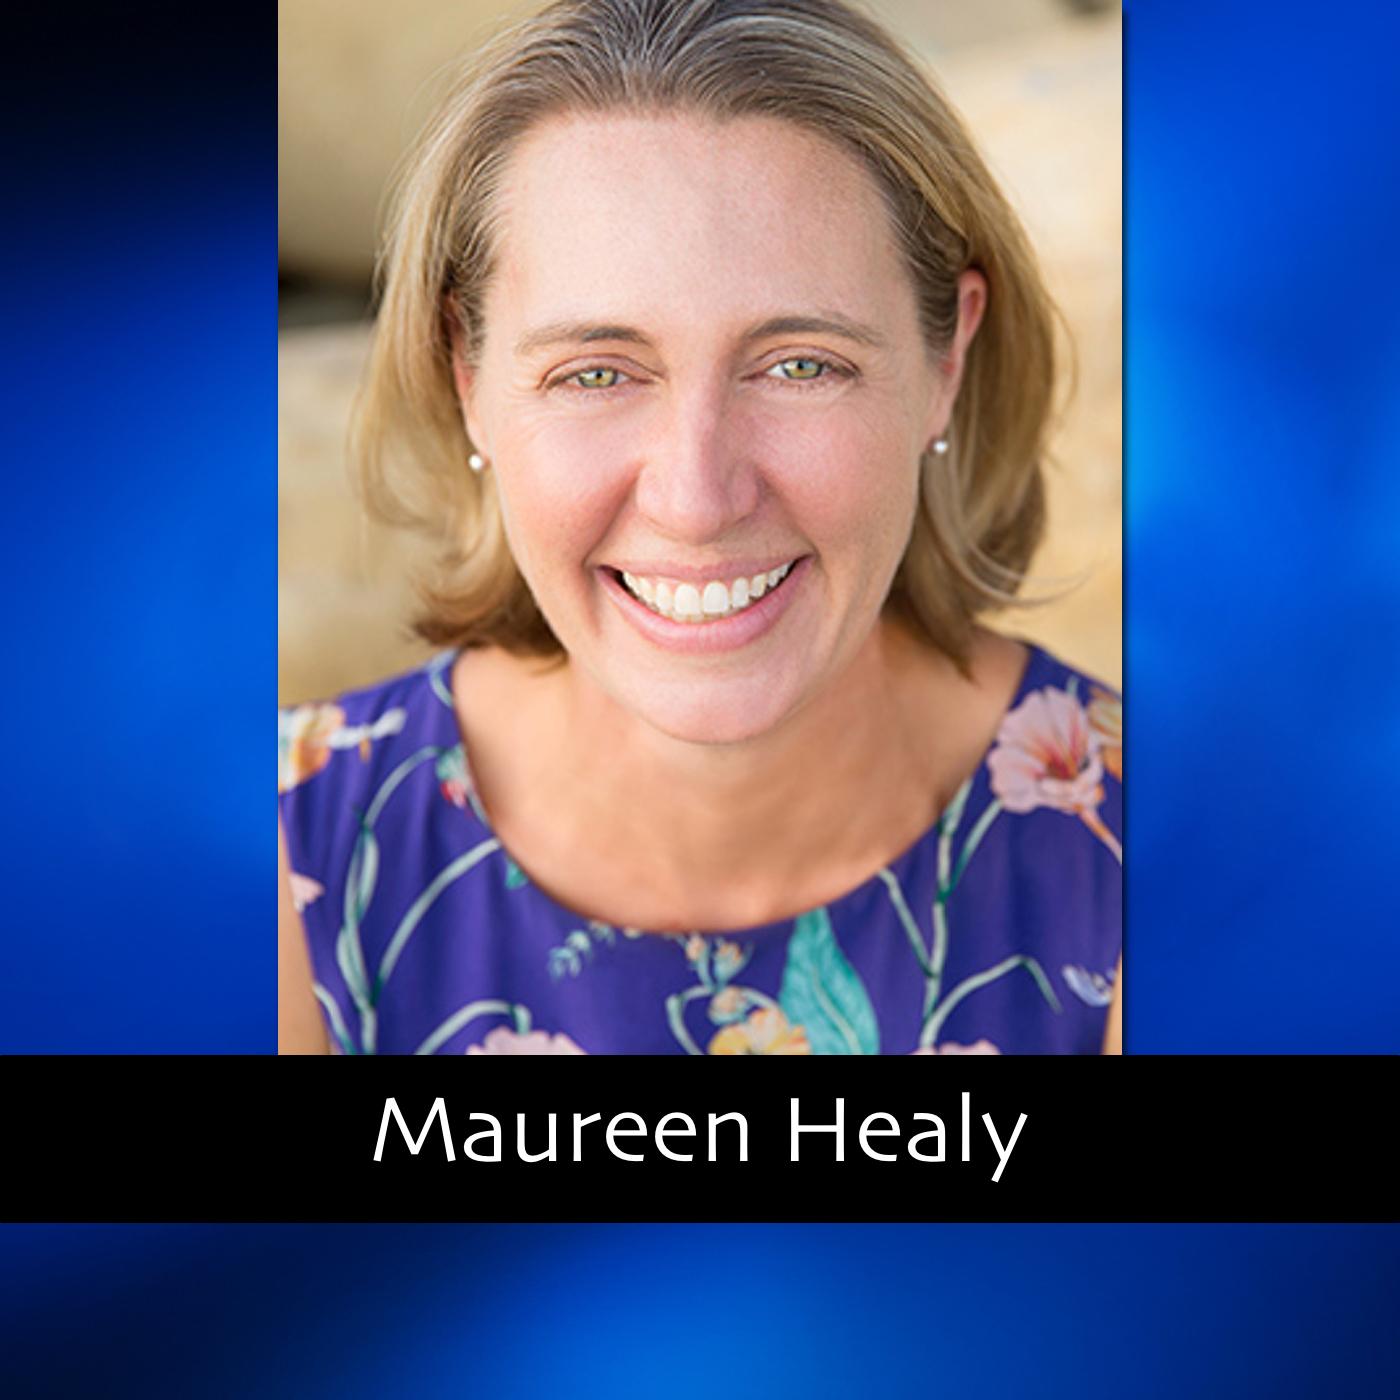 Maureen Healy thumb.jpg